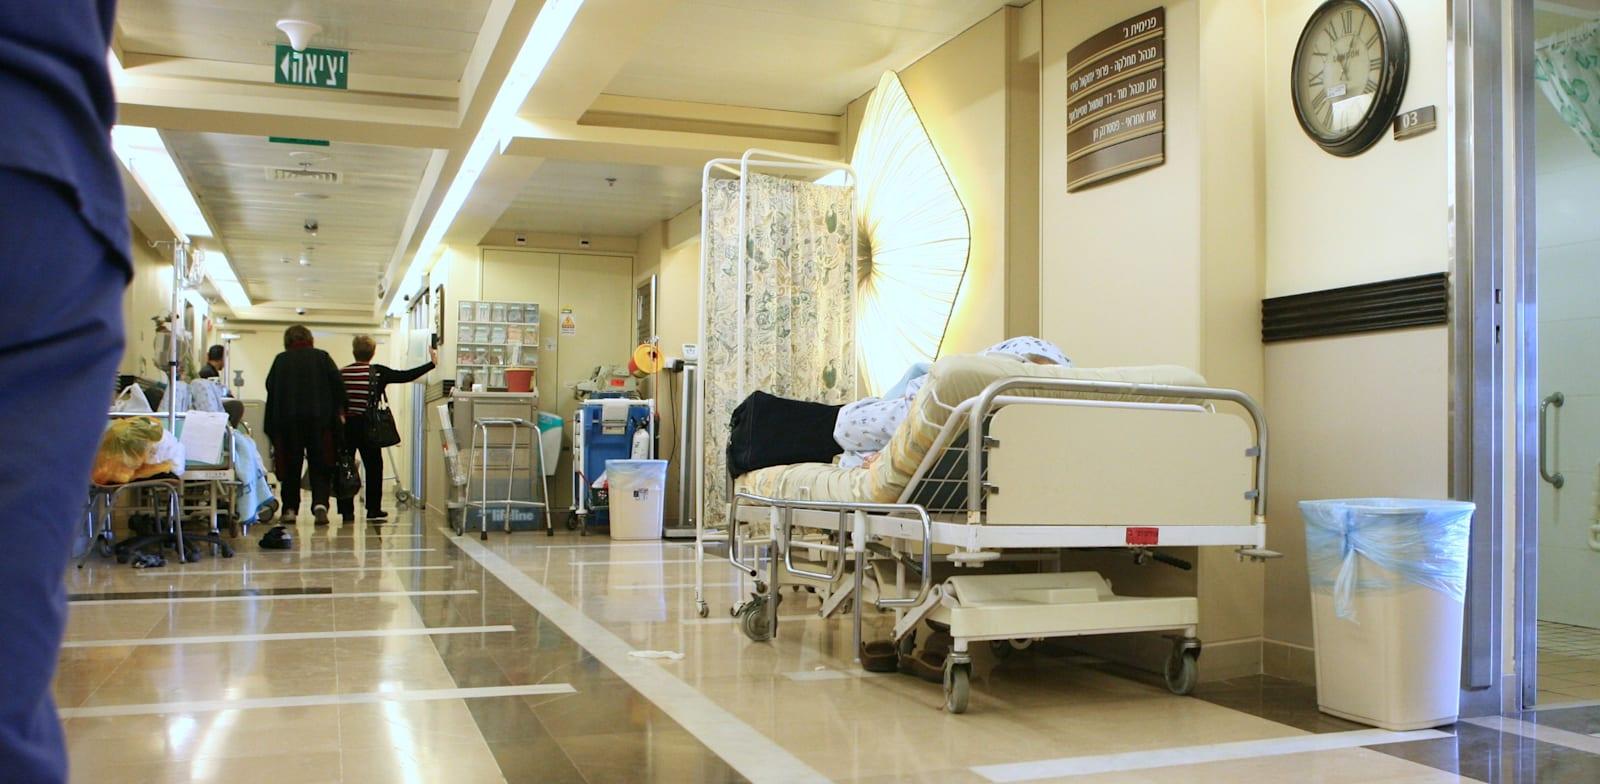 בית חולים תל השומר. מספר התקנים בישראל לרופאים, אחיות ואחים מהנמוכים במערב / צילום: עינת לברון